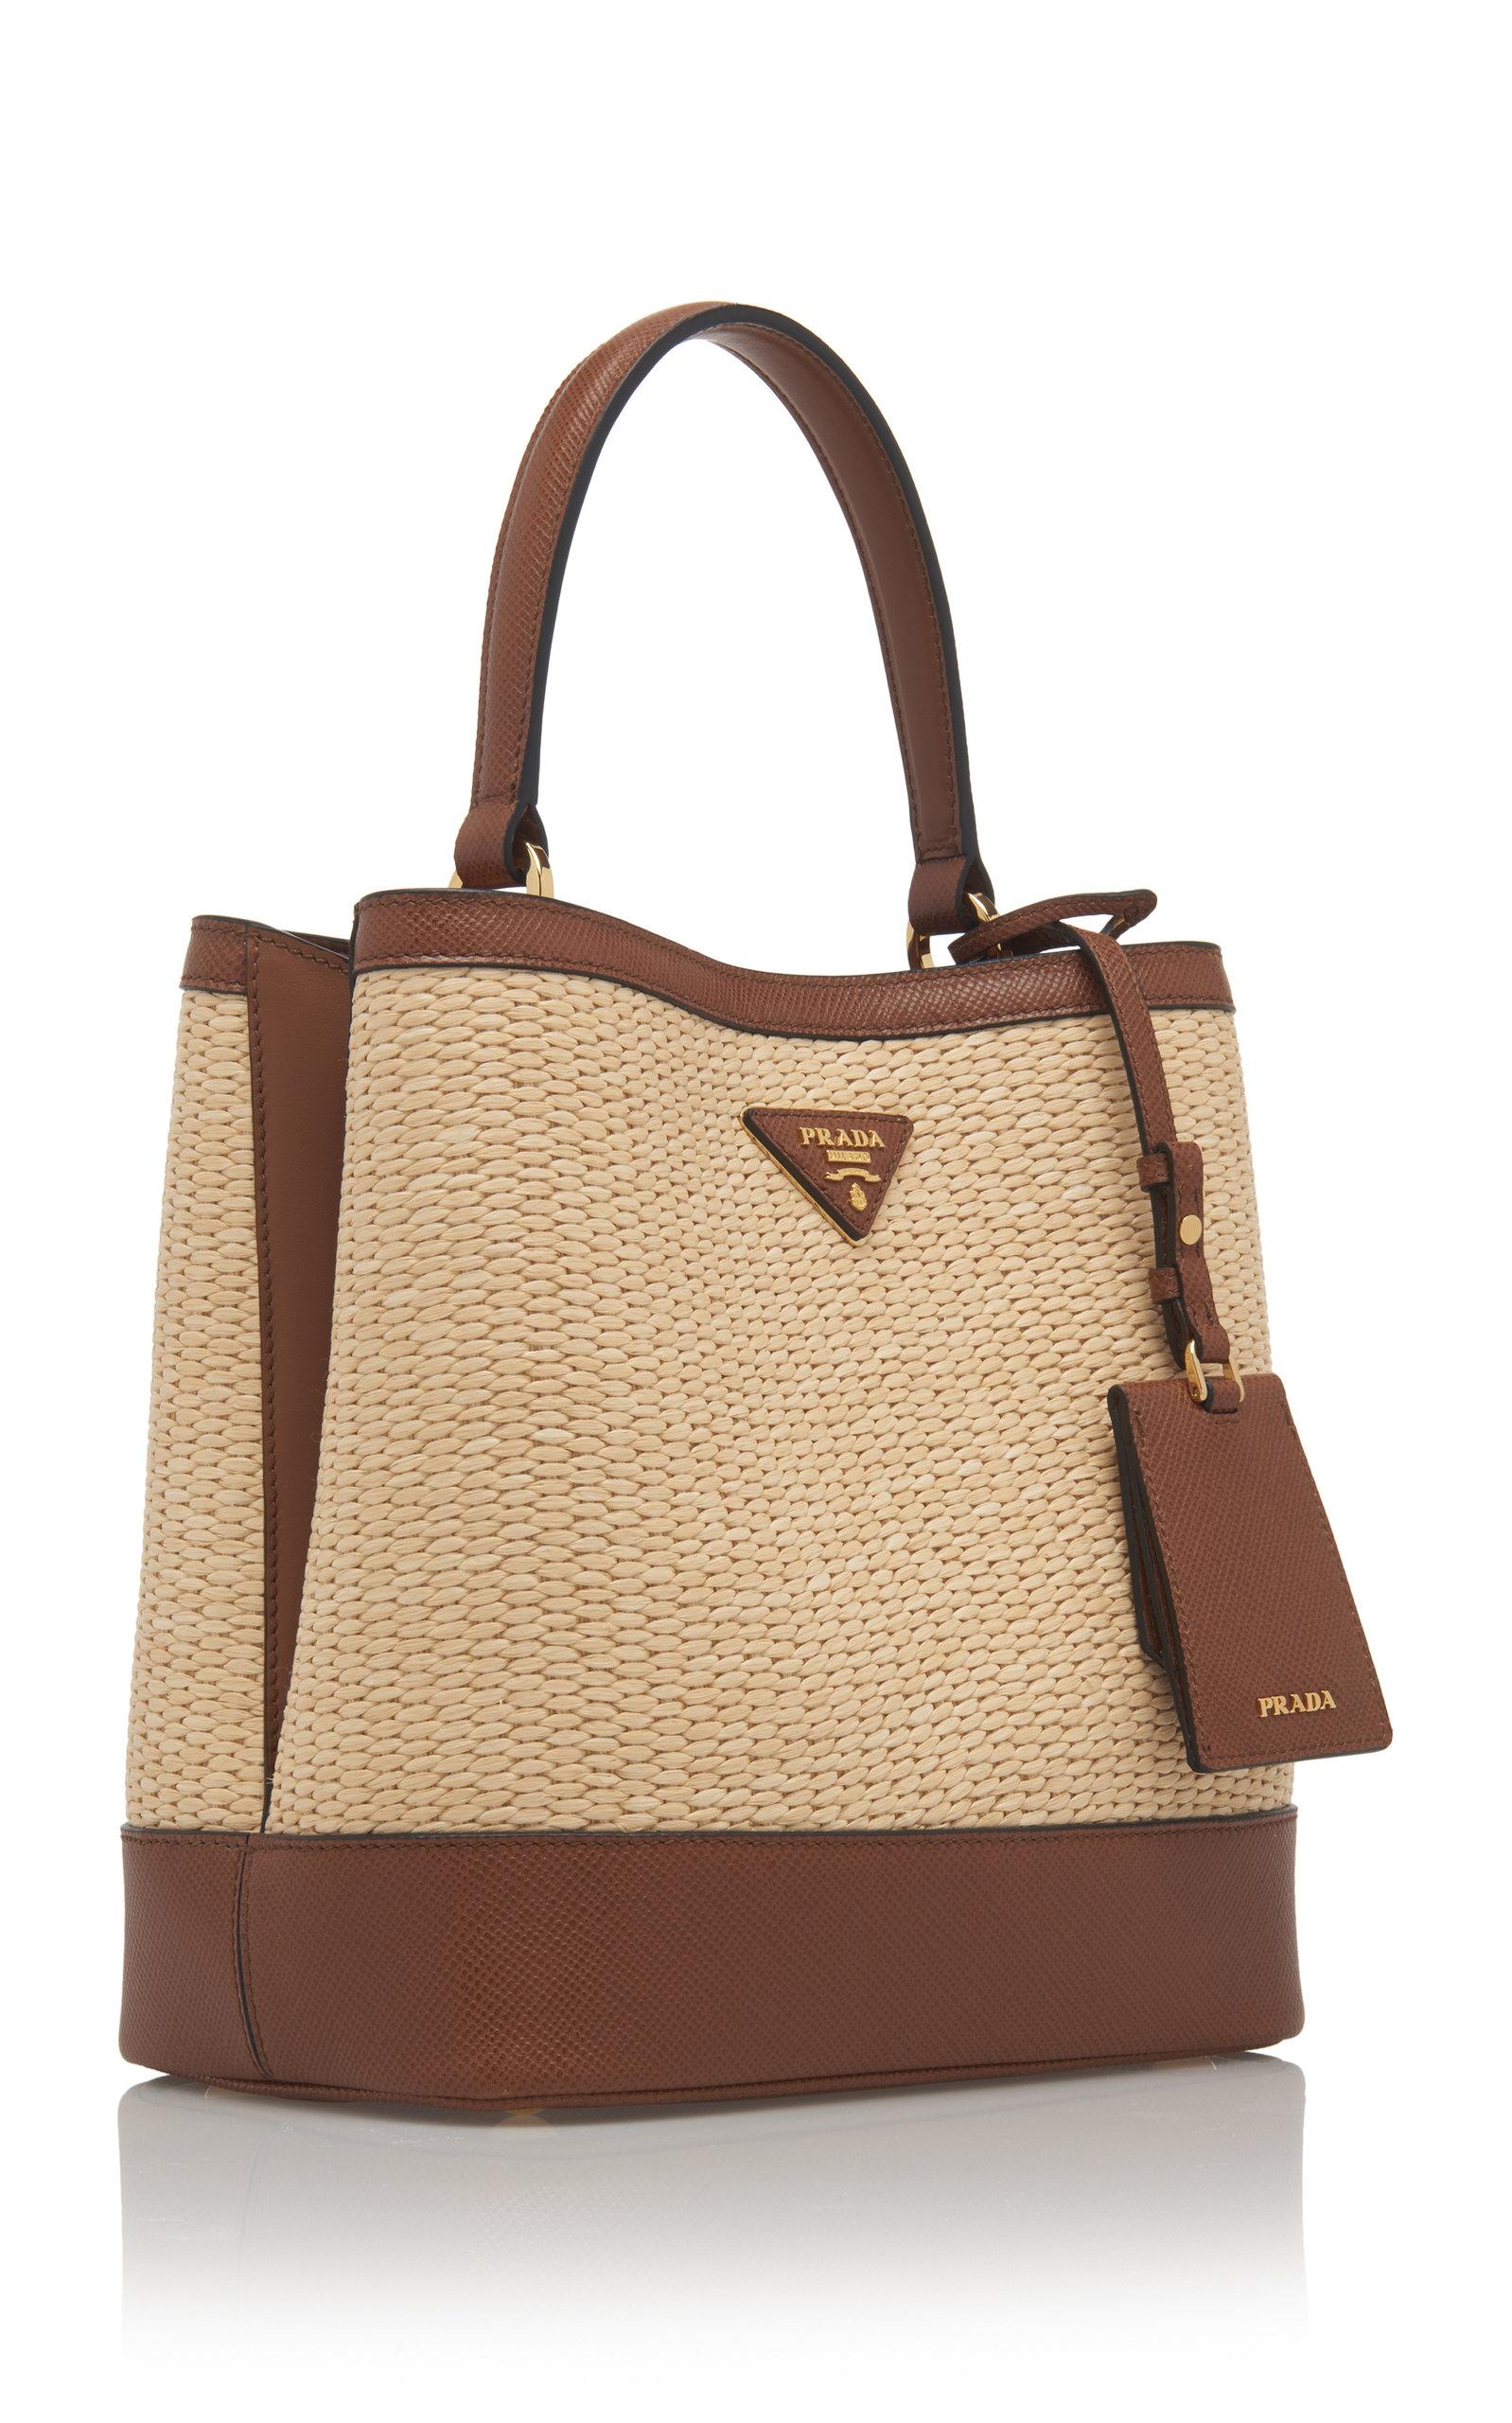 1696c1592a71 PradaMedium Raffia and Saffiano Leather Double Bucket Bag. CLOSE. Loading.  Loading. Loading